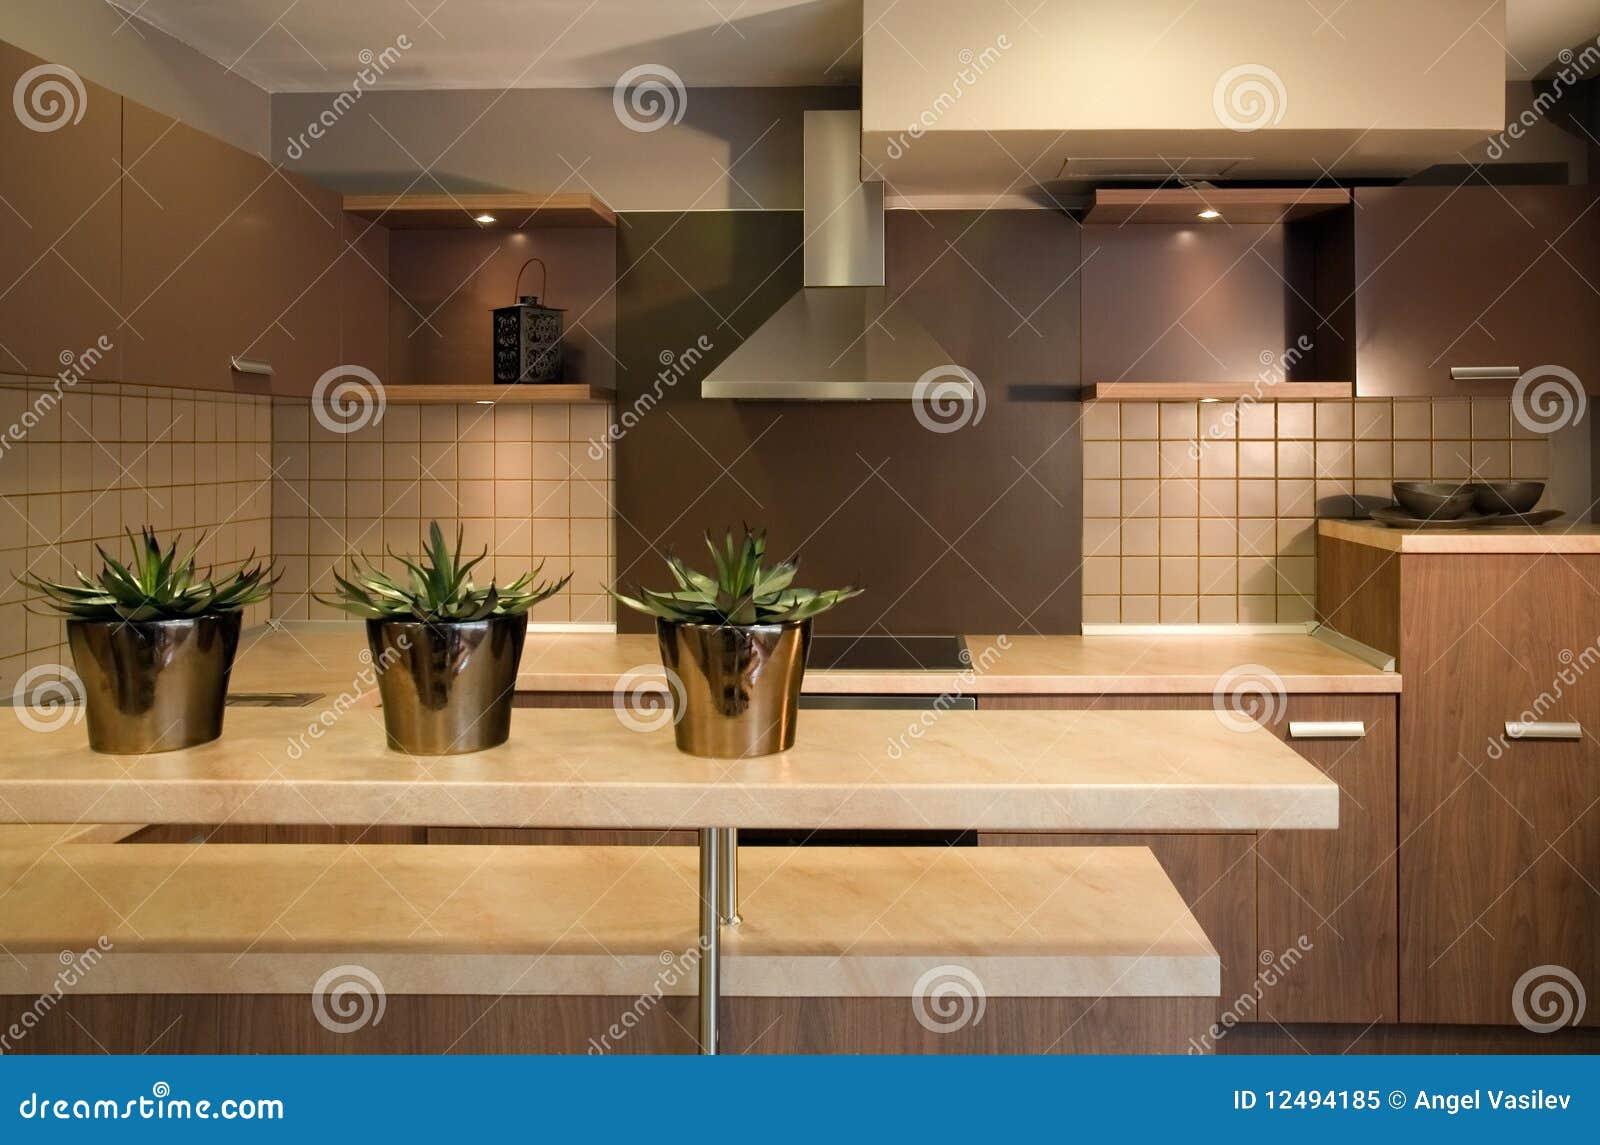 Disegno Interno Della Cucina. Elegante E Di Lusso. Immagine Stock - Immagine di mobilia, sofà ...